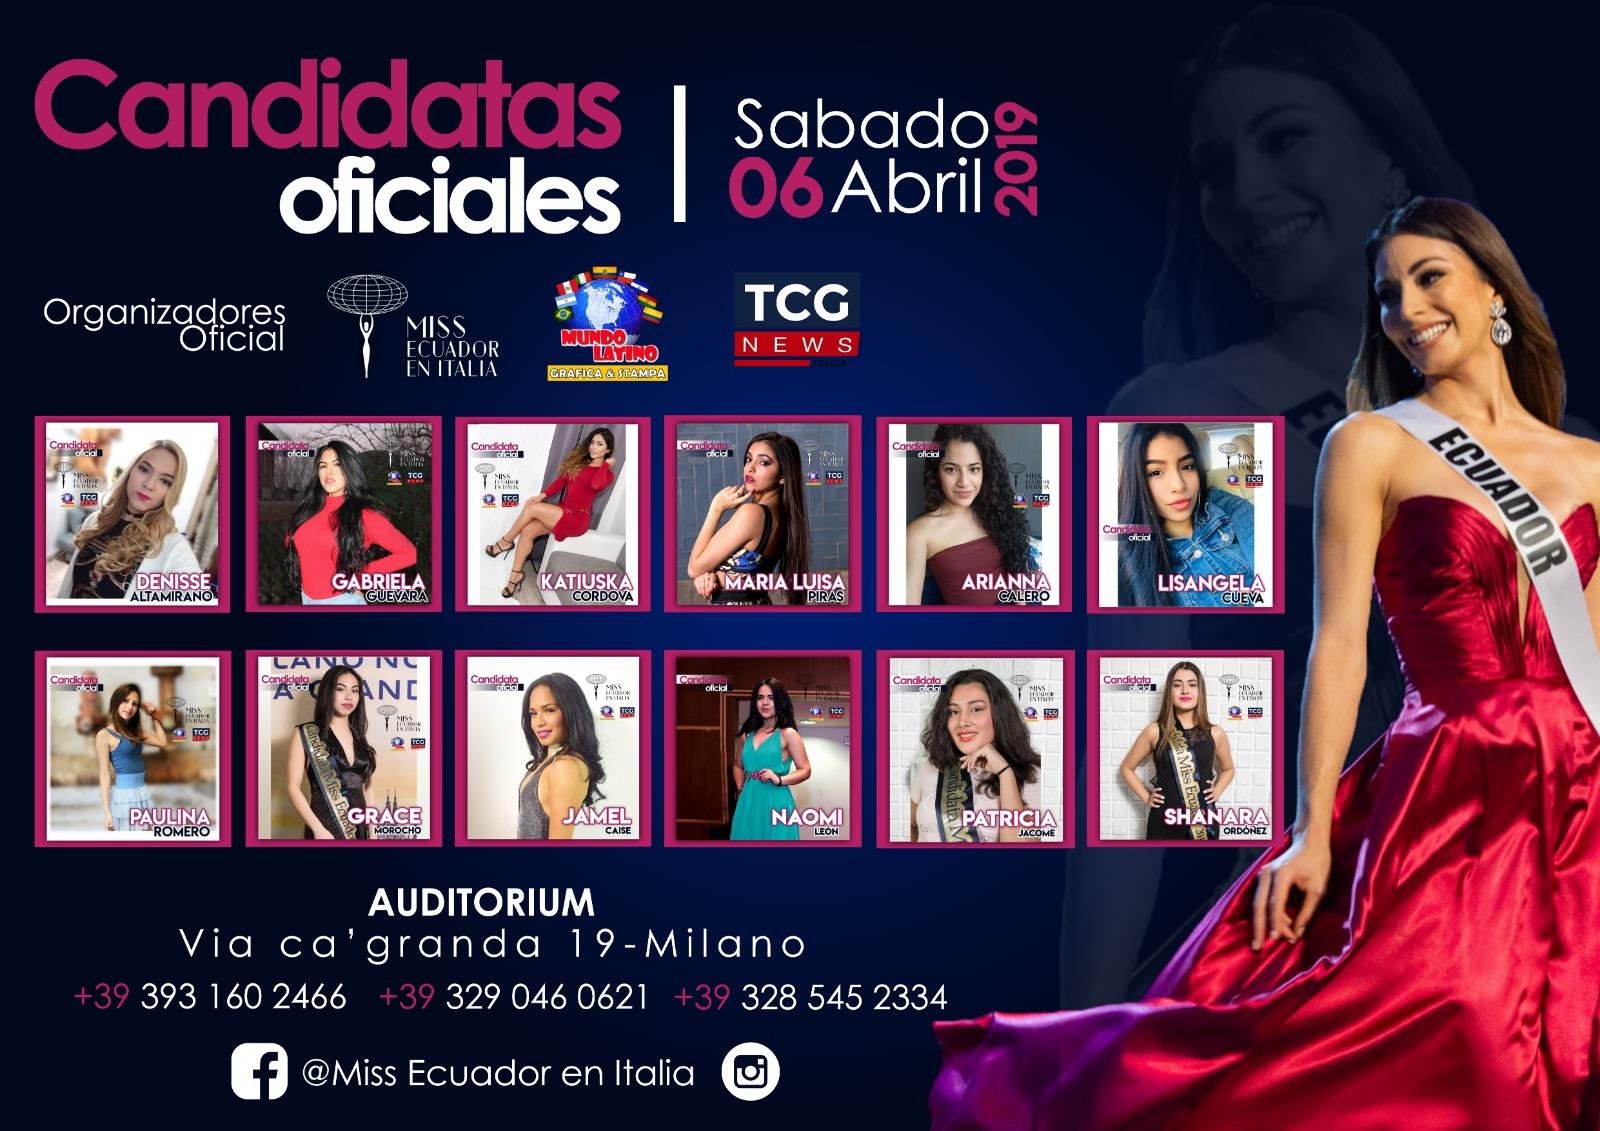 Conozca a las 12 candidatas a Miss Ecuador en Italia 2019 y vote por su favorita